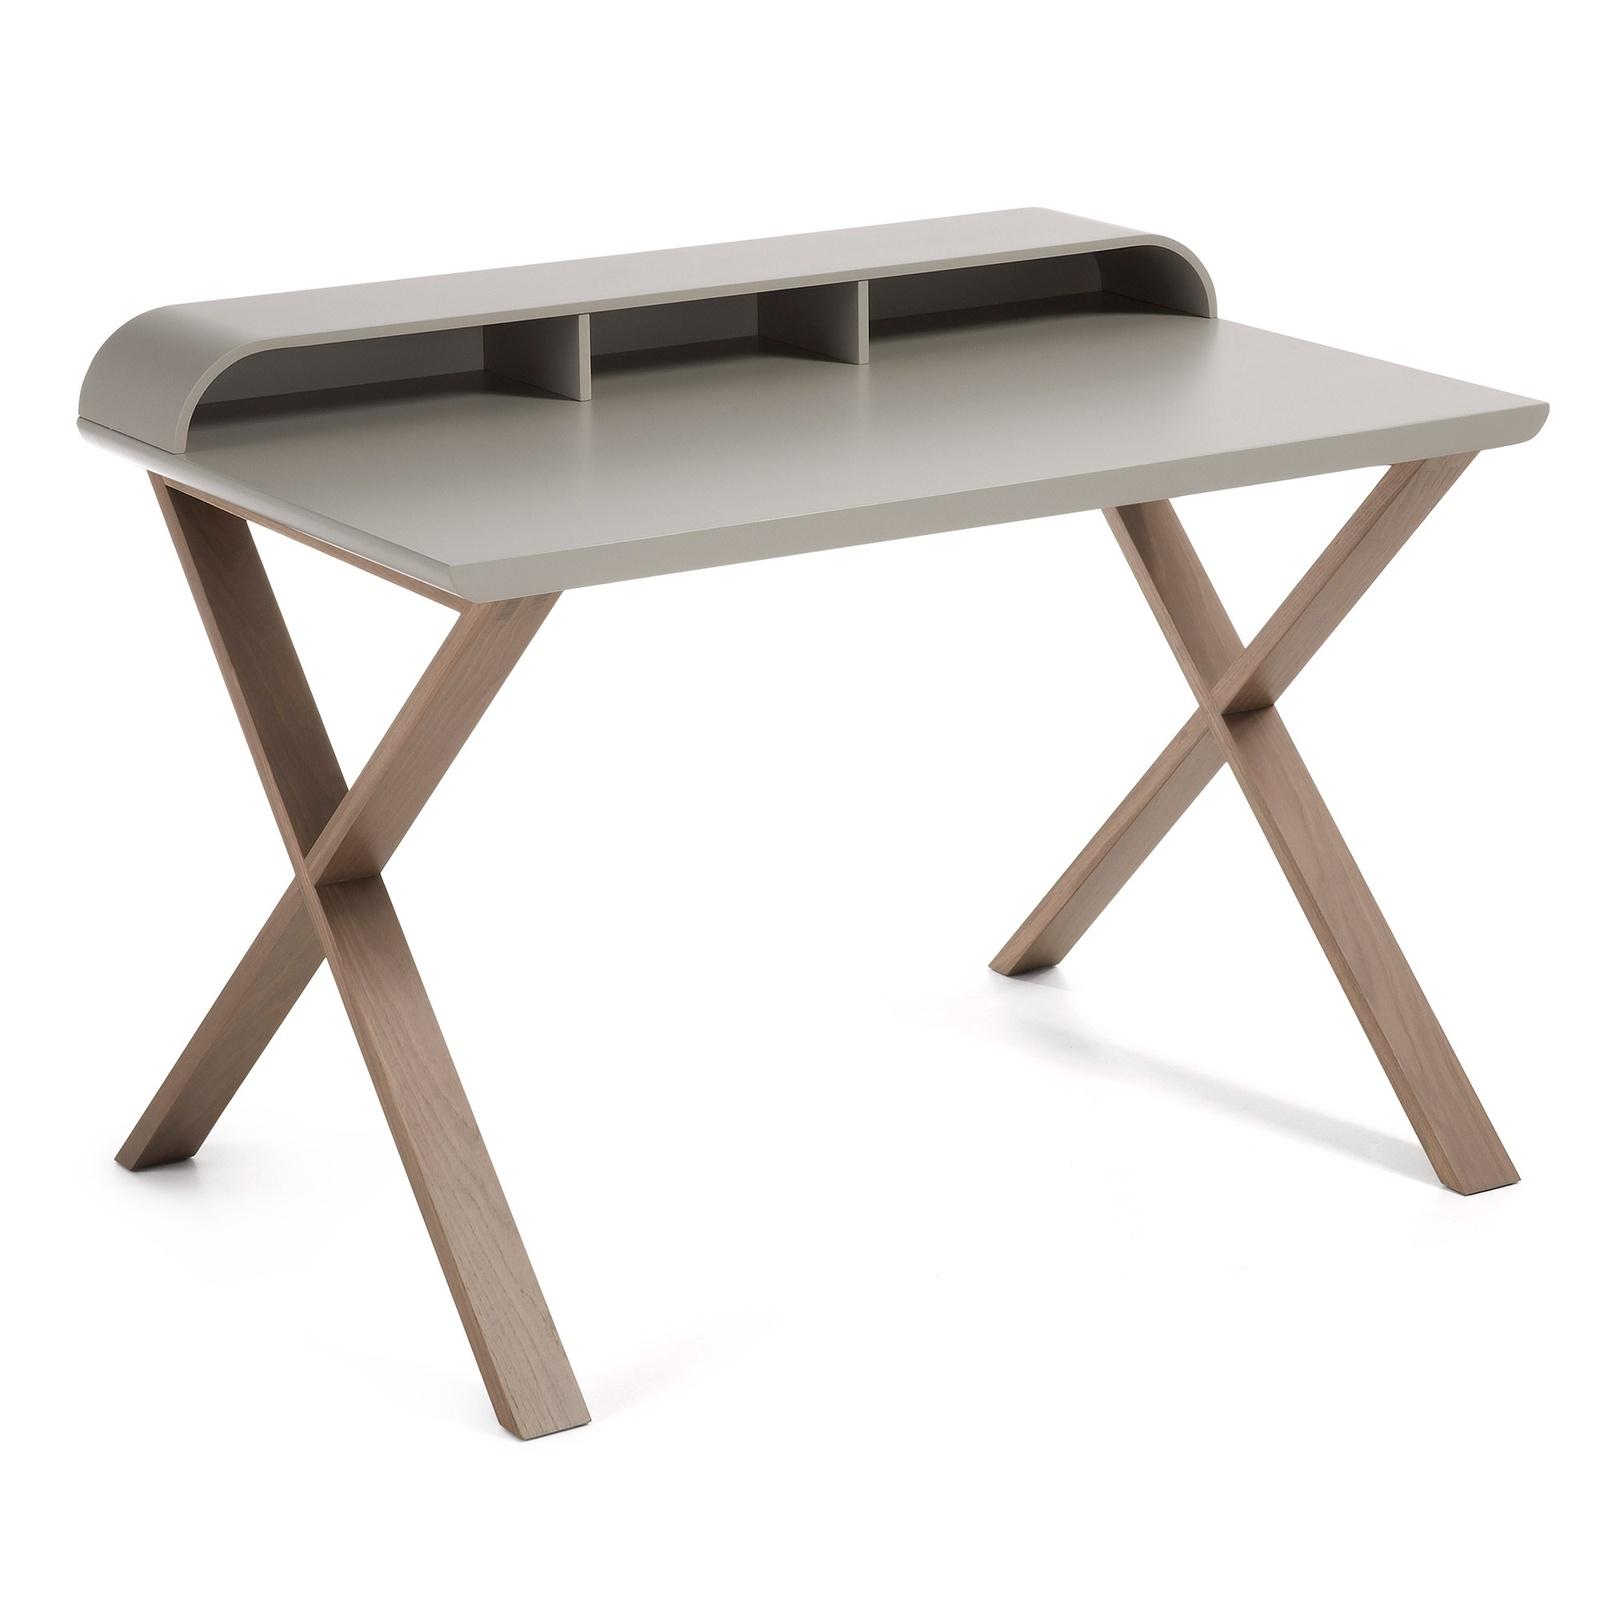 Письменный стол Success серый Ш.120 В.85 Г.79 Вес 28.7кг; Материал Массив; Цвет Серый